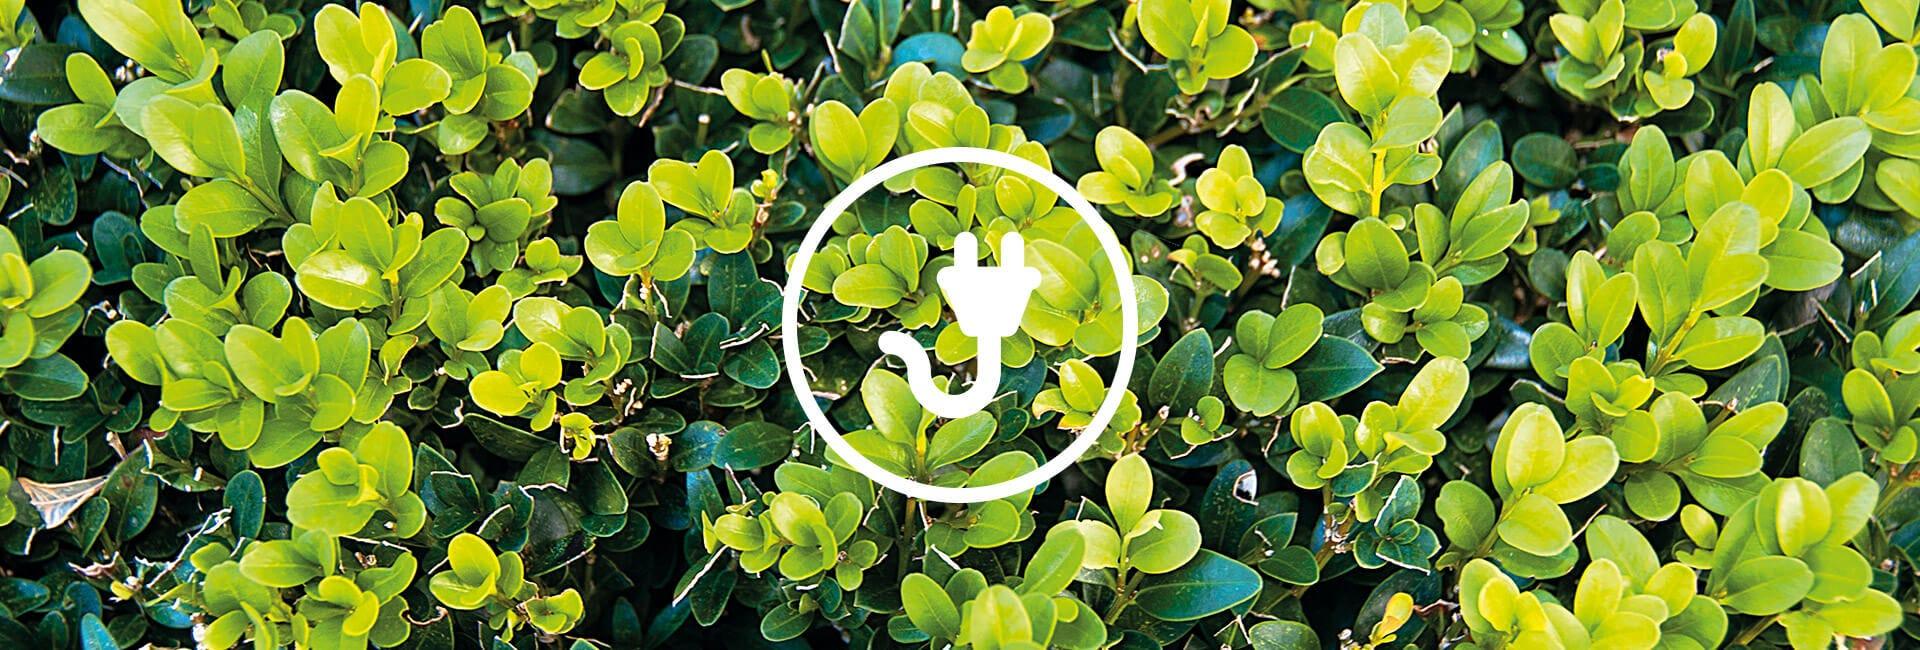 Sähkökäyttöiset pensasleikkurit